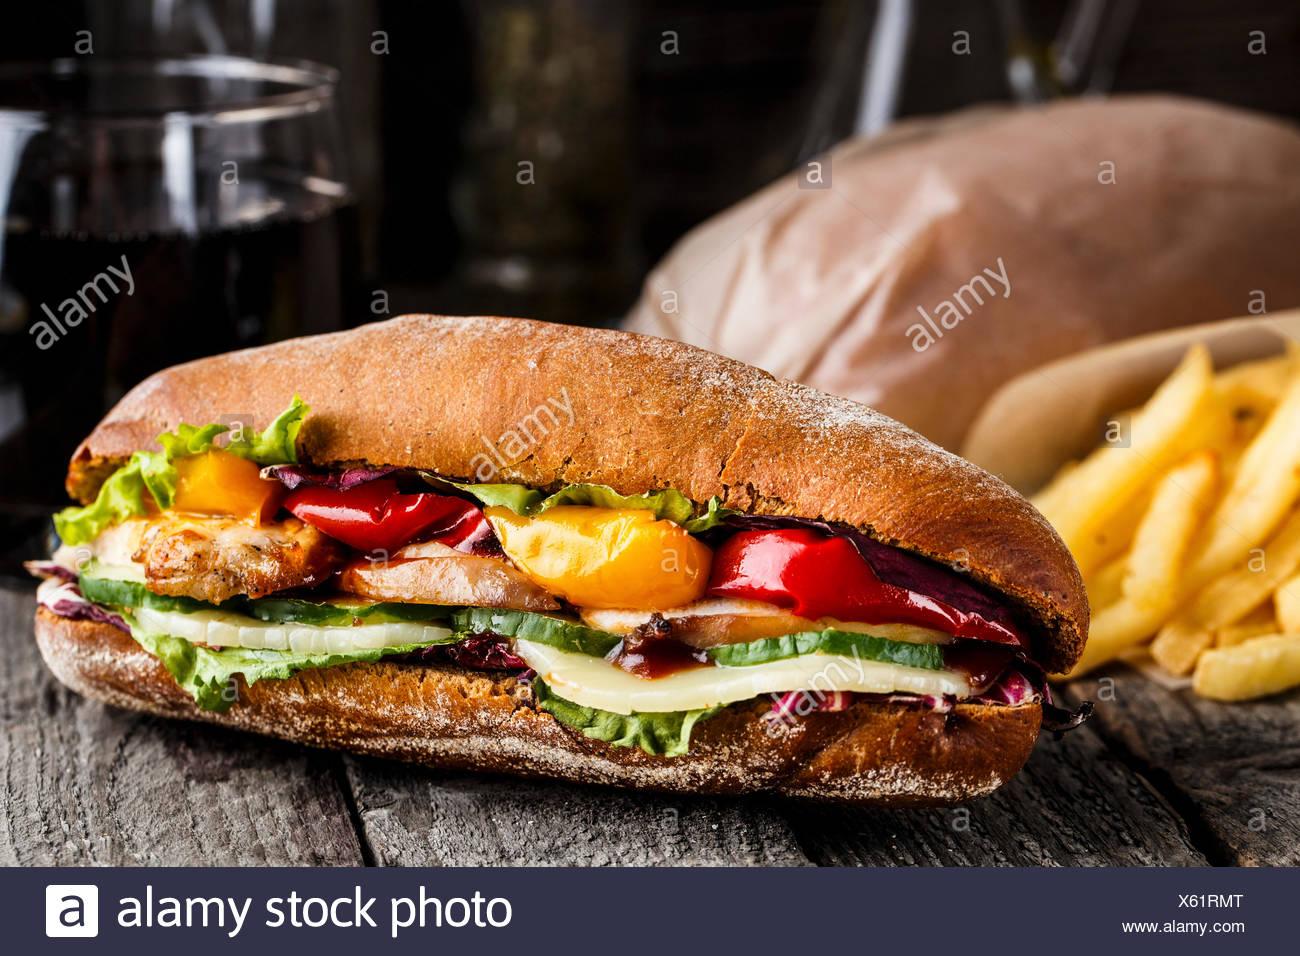 Sandwich au poulet, des frites et un verre de soda sur une table rustique Photo Stock